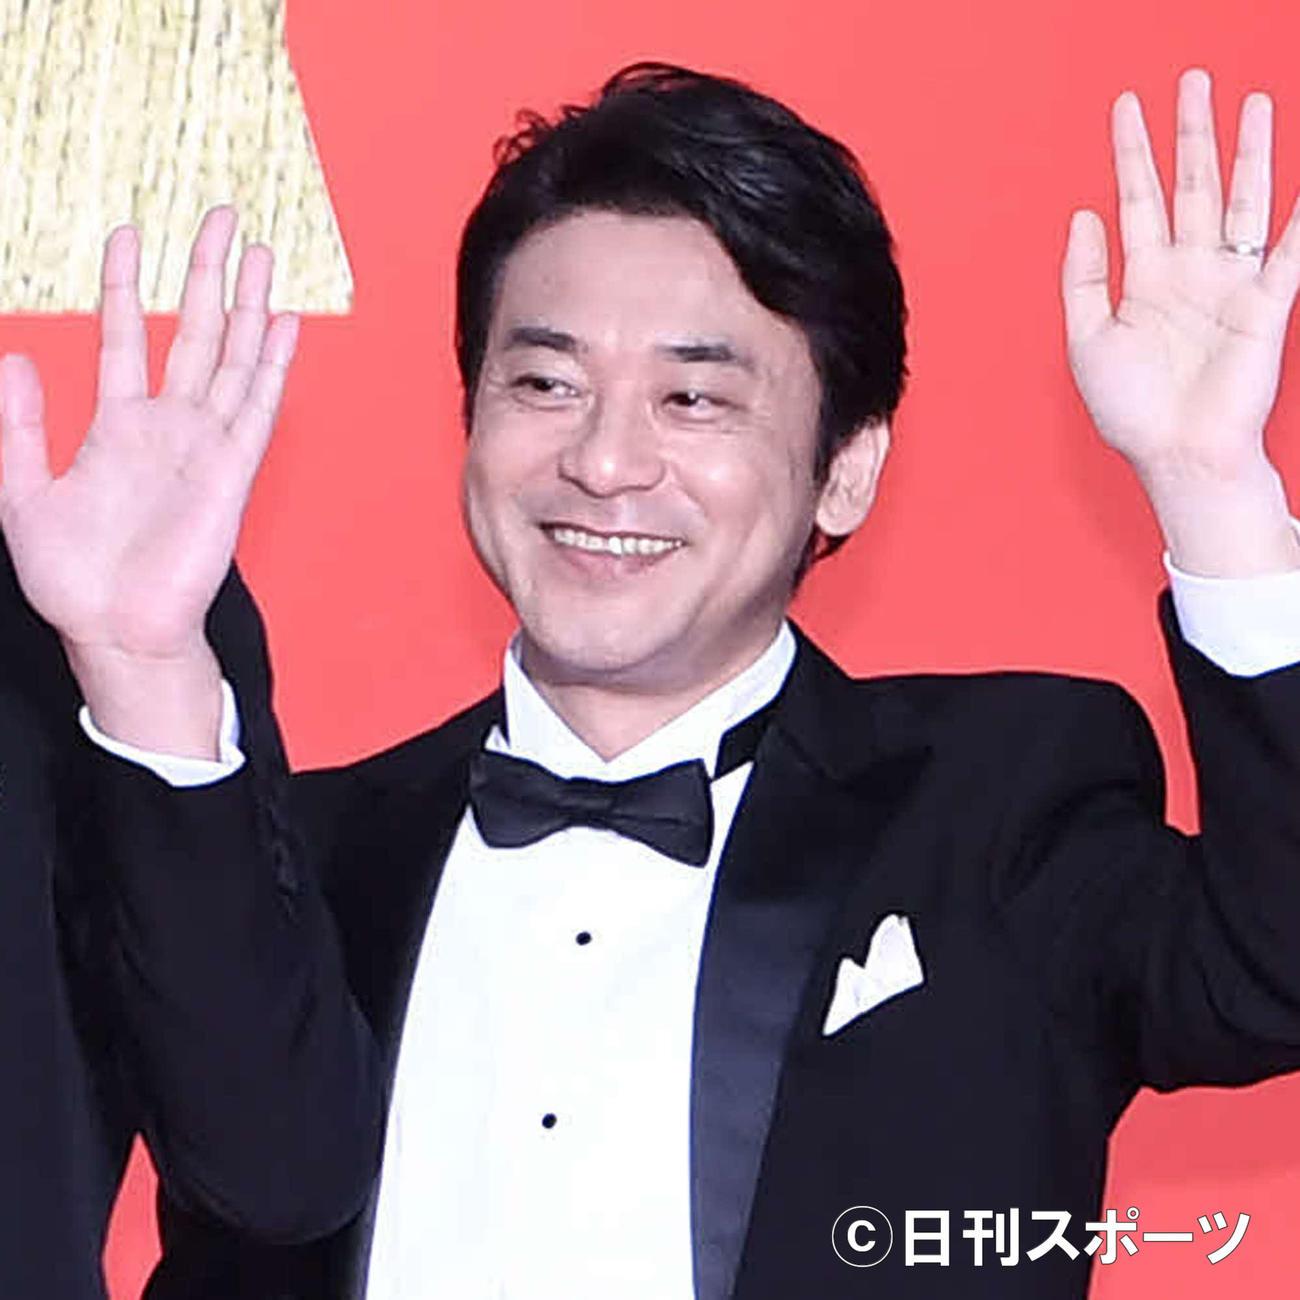 「キングダム」原作者の原泰久氏(19年3月27日撮影)